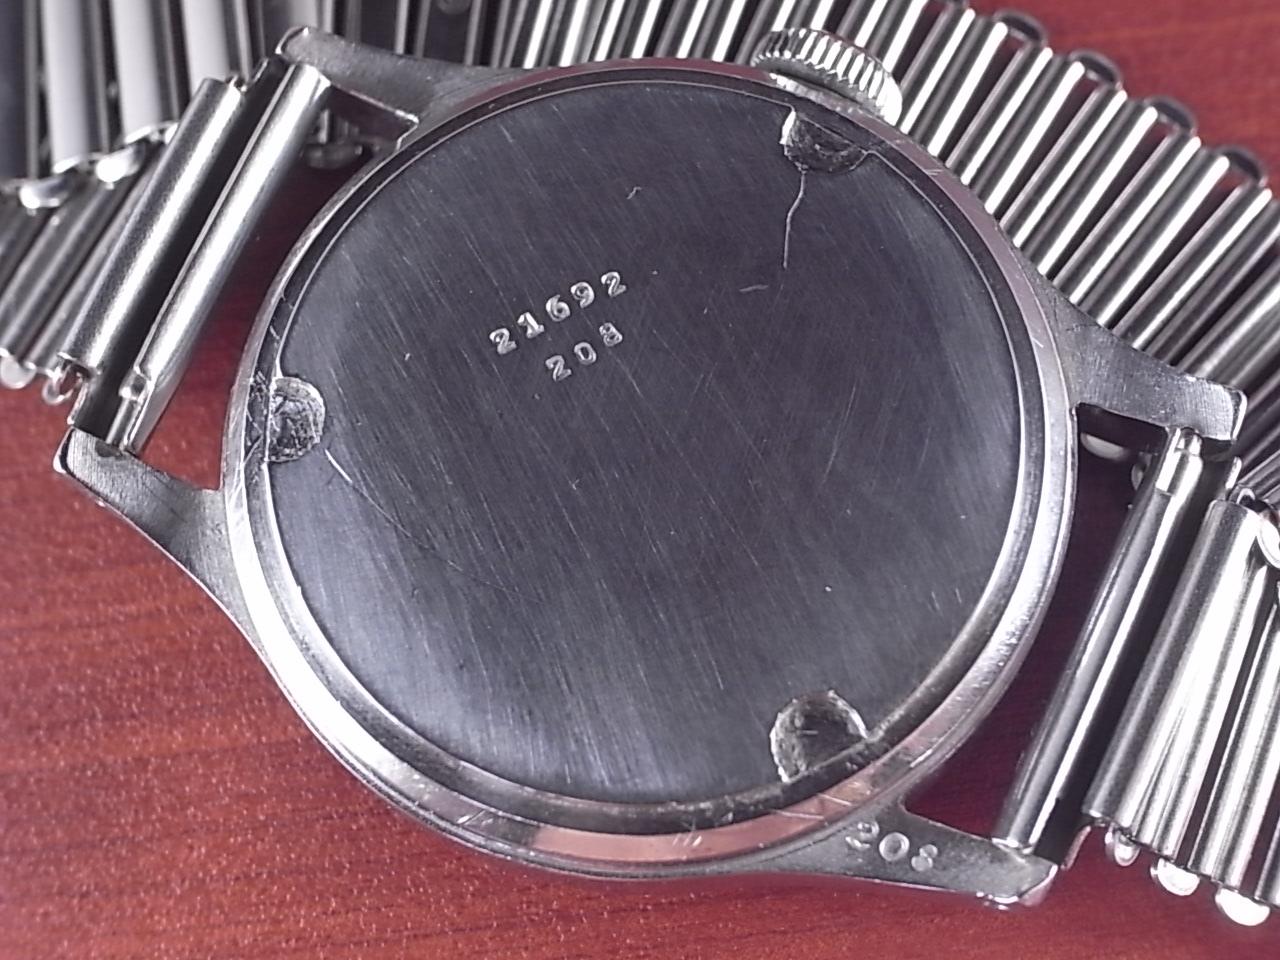 ロンジン ワイドステップベゼル35mm トレタケ ボンクリップ付き 1940年代の写真4枚目